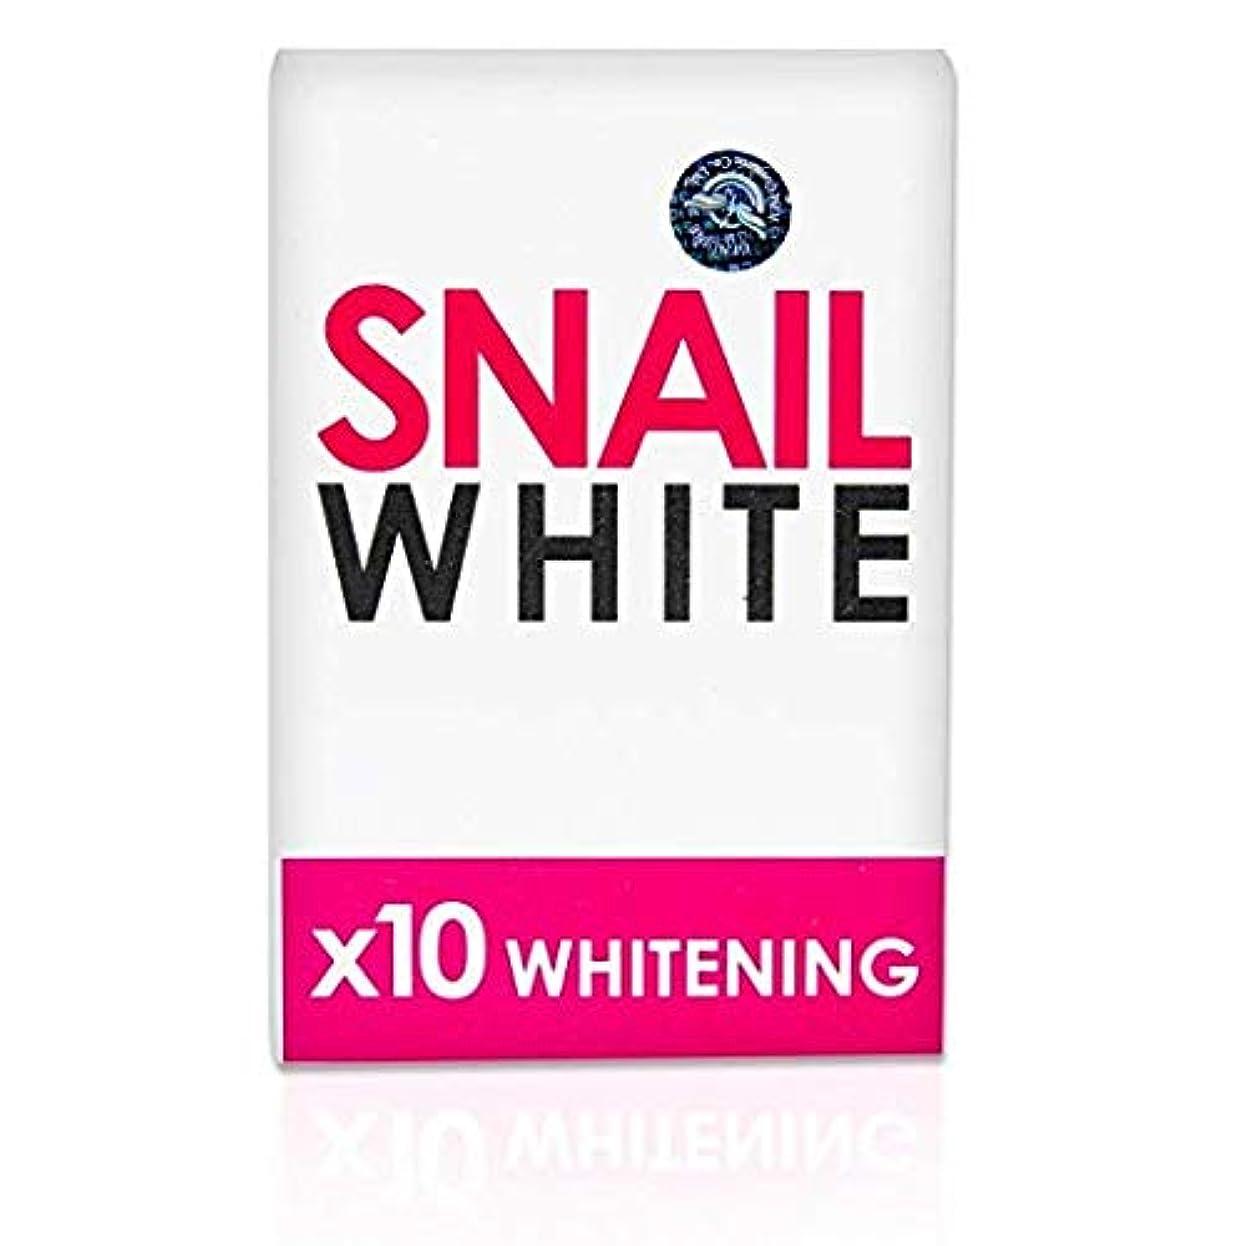 早い裁定今晩スネイルホワイト Gluta Snail White x10 Whitening by Dream ホワイトニング 固形石鹸 2個